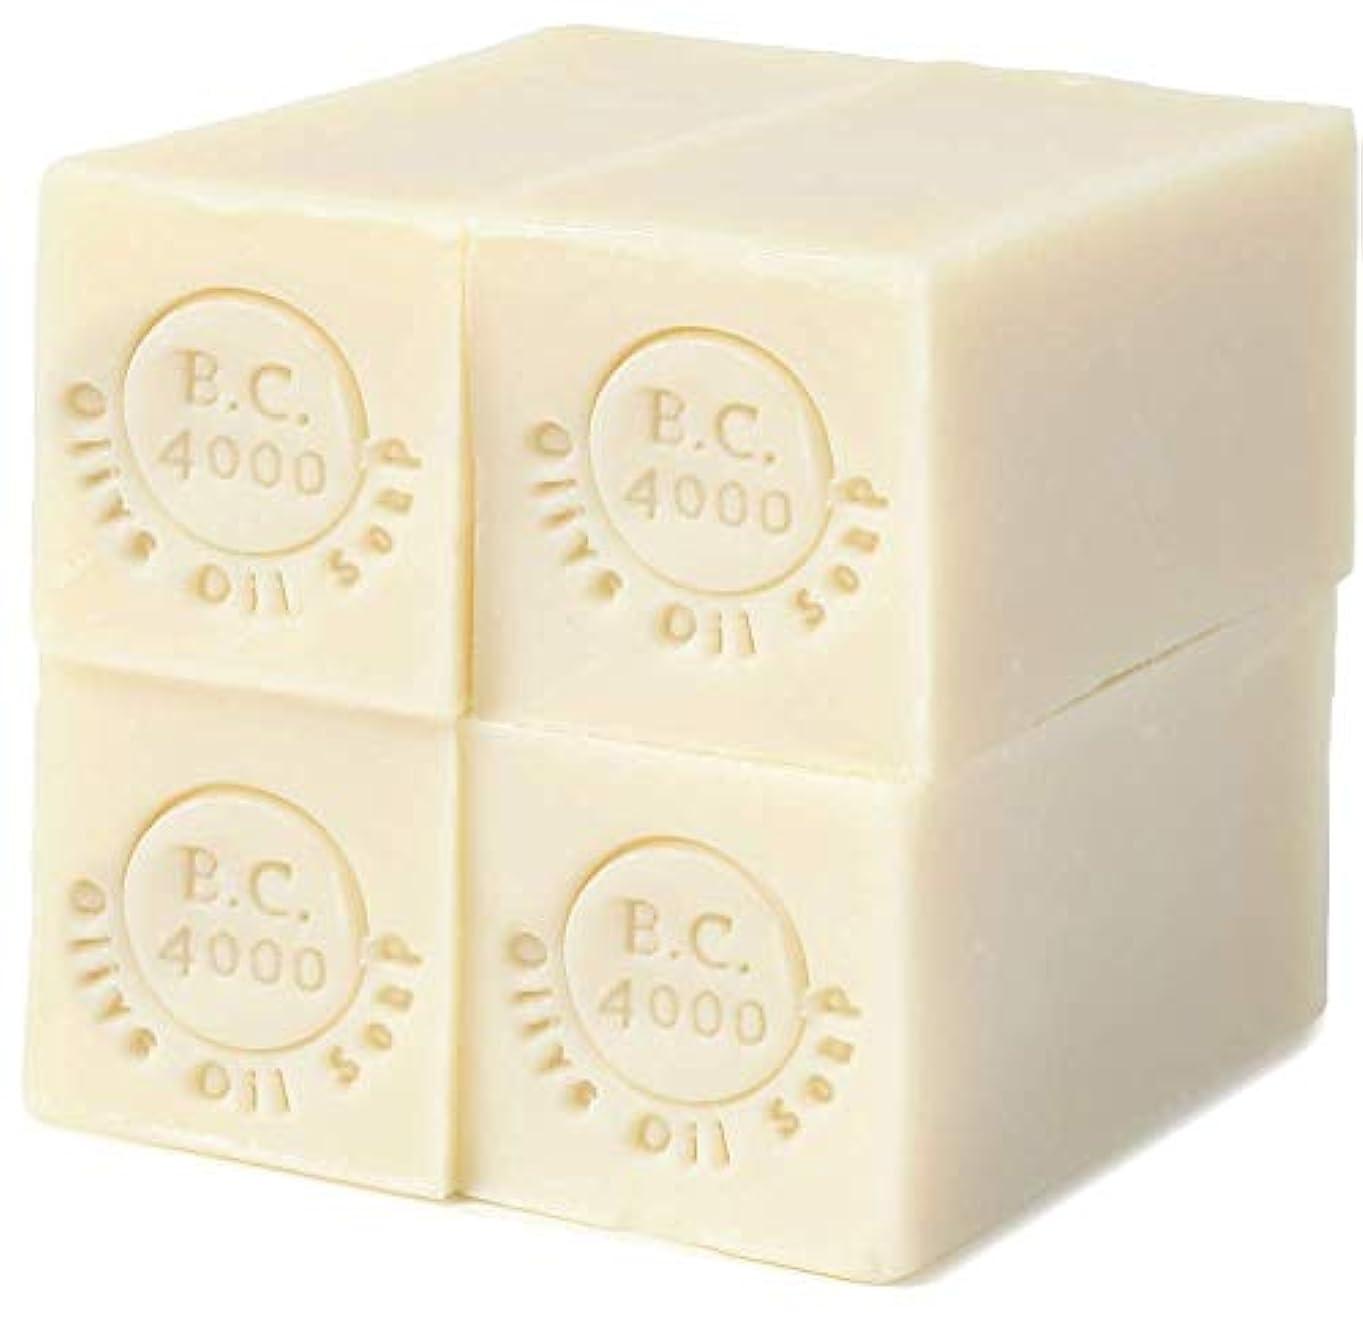 通訳リットルソロ100% バージンオリーブオイル石鹸 B.C.4000 オーガニック せっけん 50g 4個入